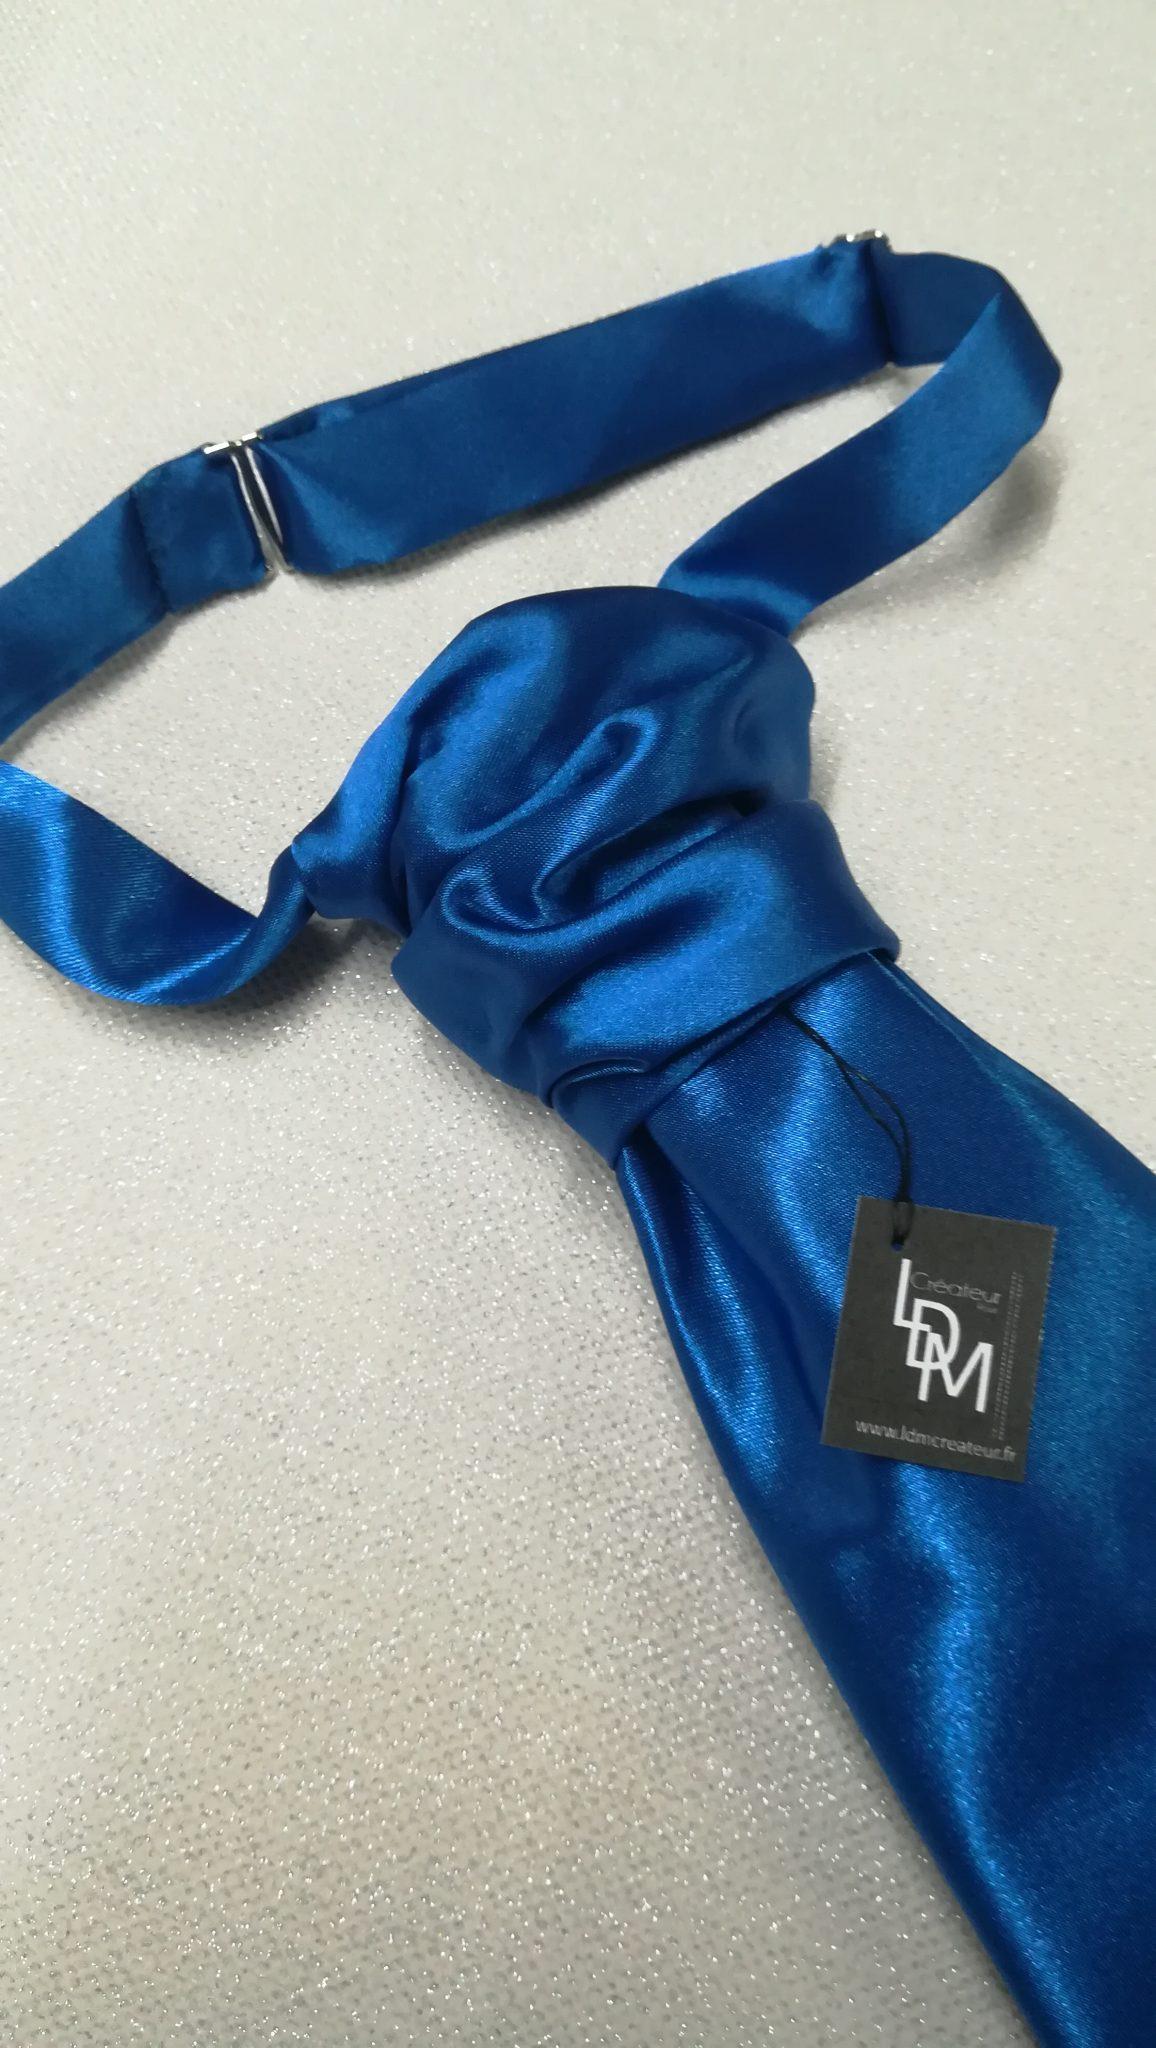 Cravate-mariage-bleu-dur-electrique-chic-elegance-millau-300x109-LDM-Createur-fr